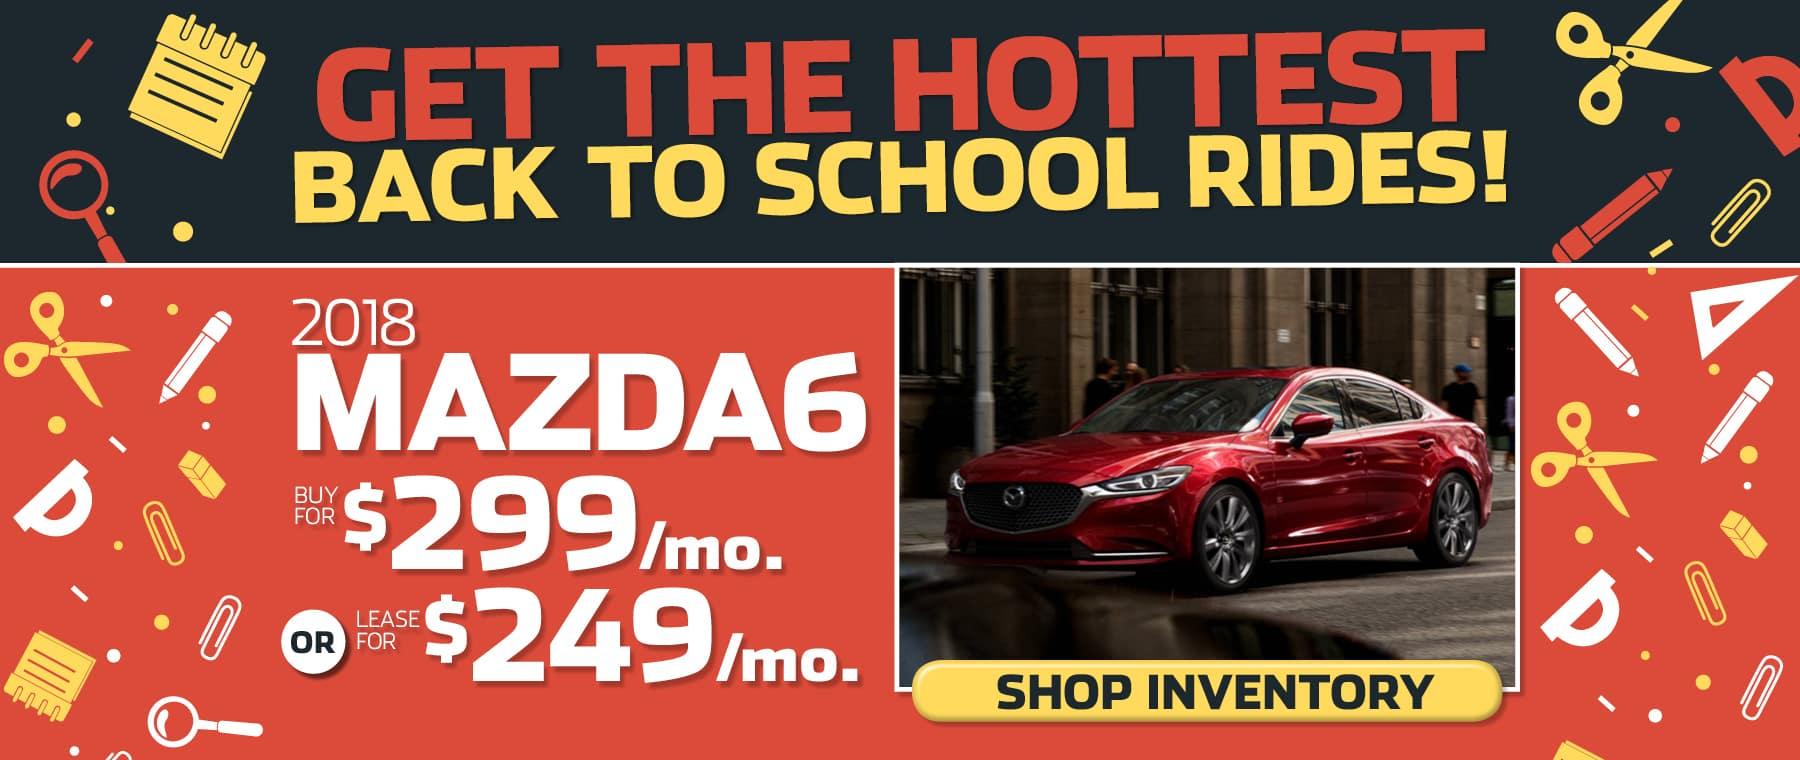 Mazda6 August 2018 Banner